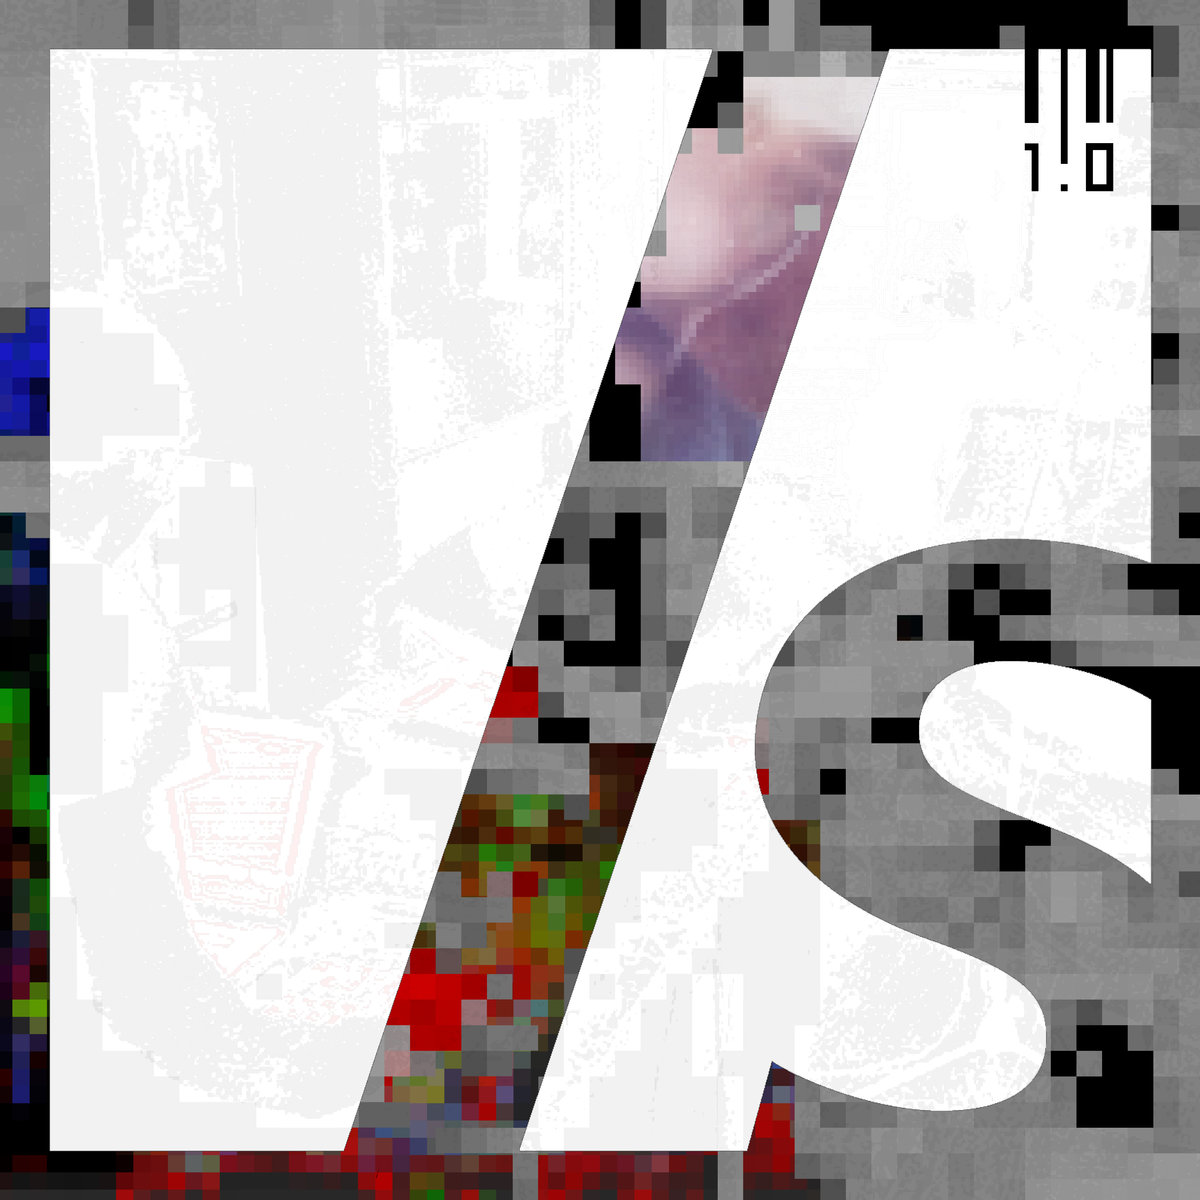 slashsound1.0.jpg